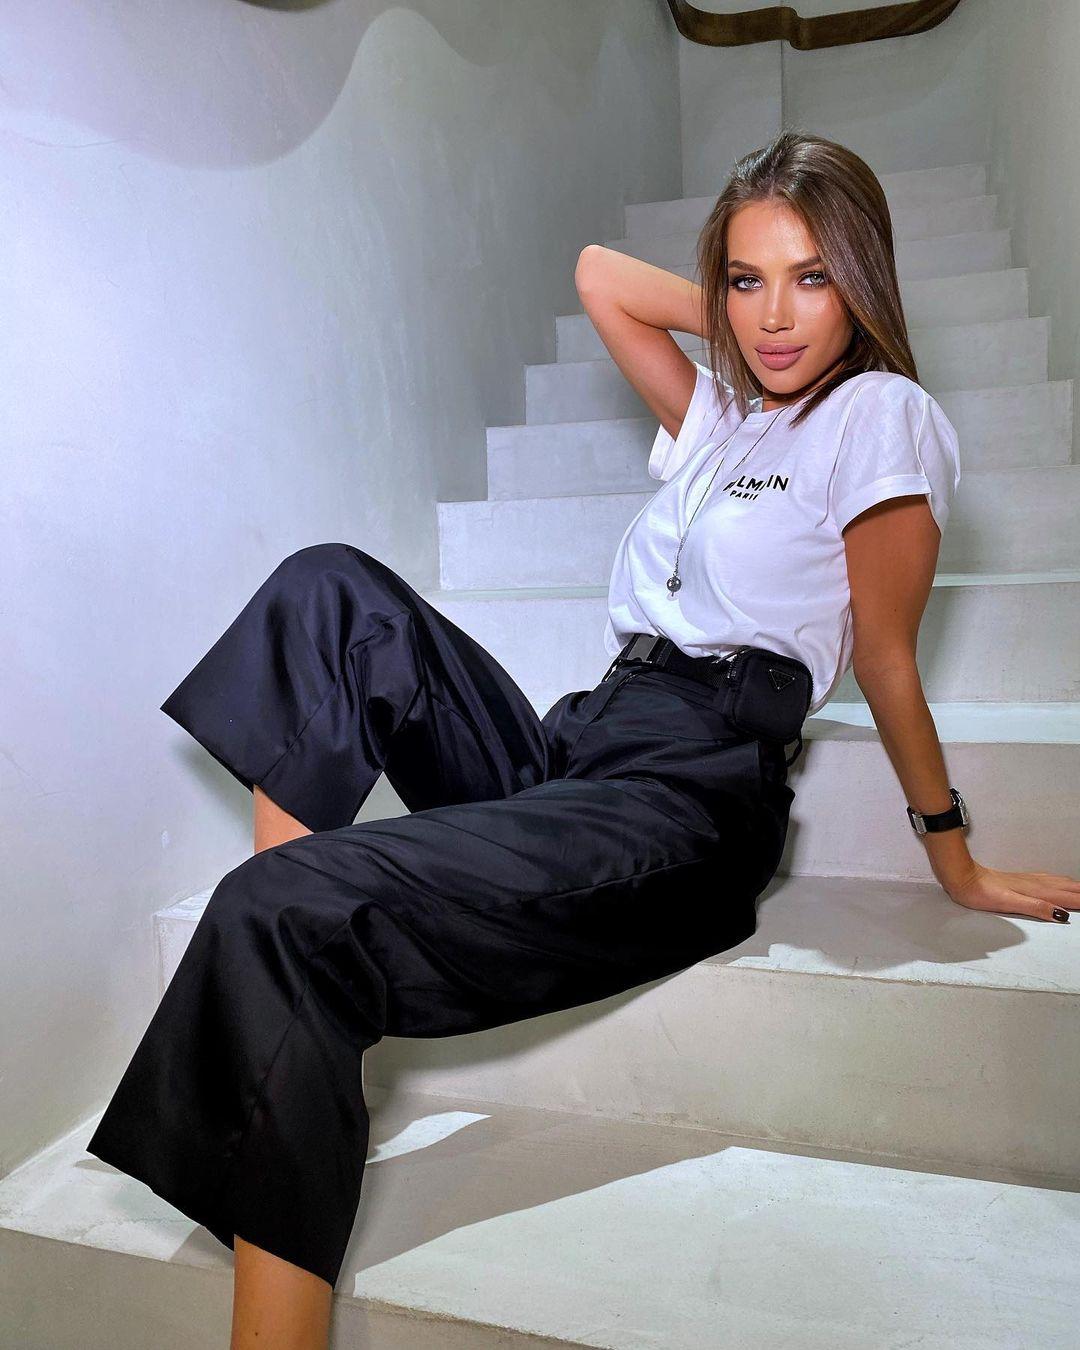 Inessa-Shevchuk-Wallpapers-Insta-Fit-Bio-6